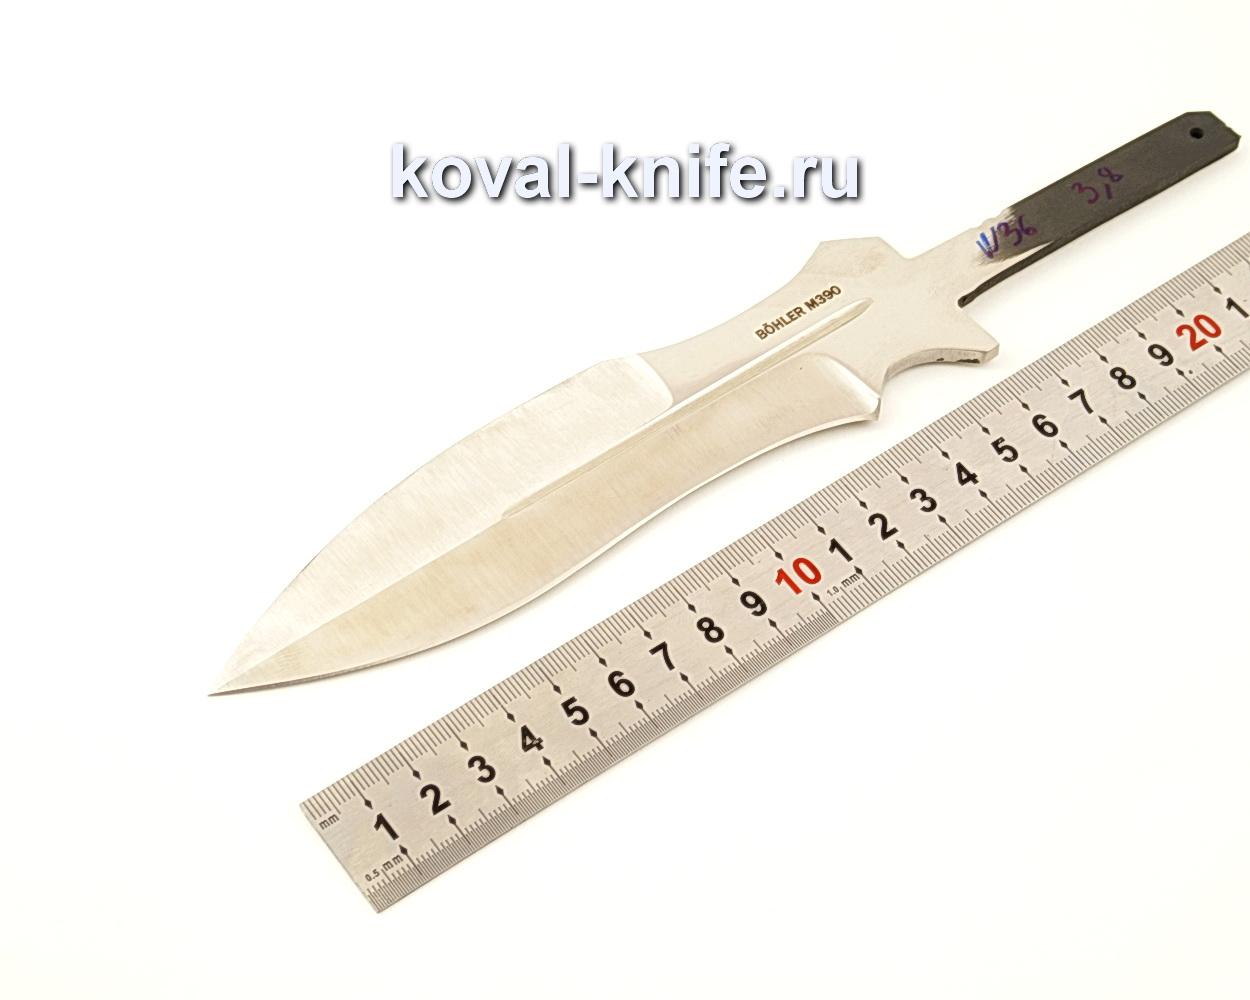 Клинок для ножа Каратель из порошковой стали Bohler M390  N36